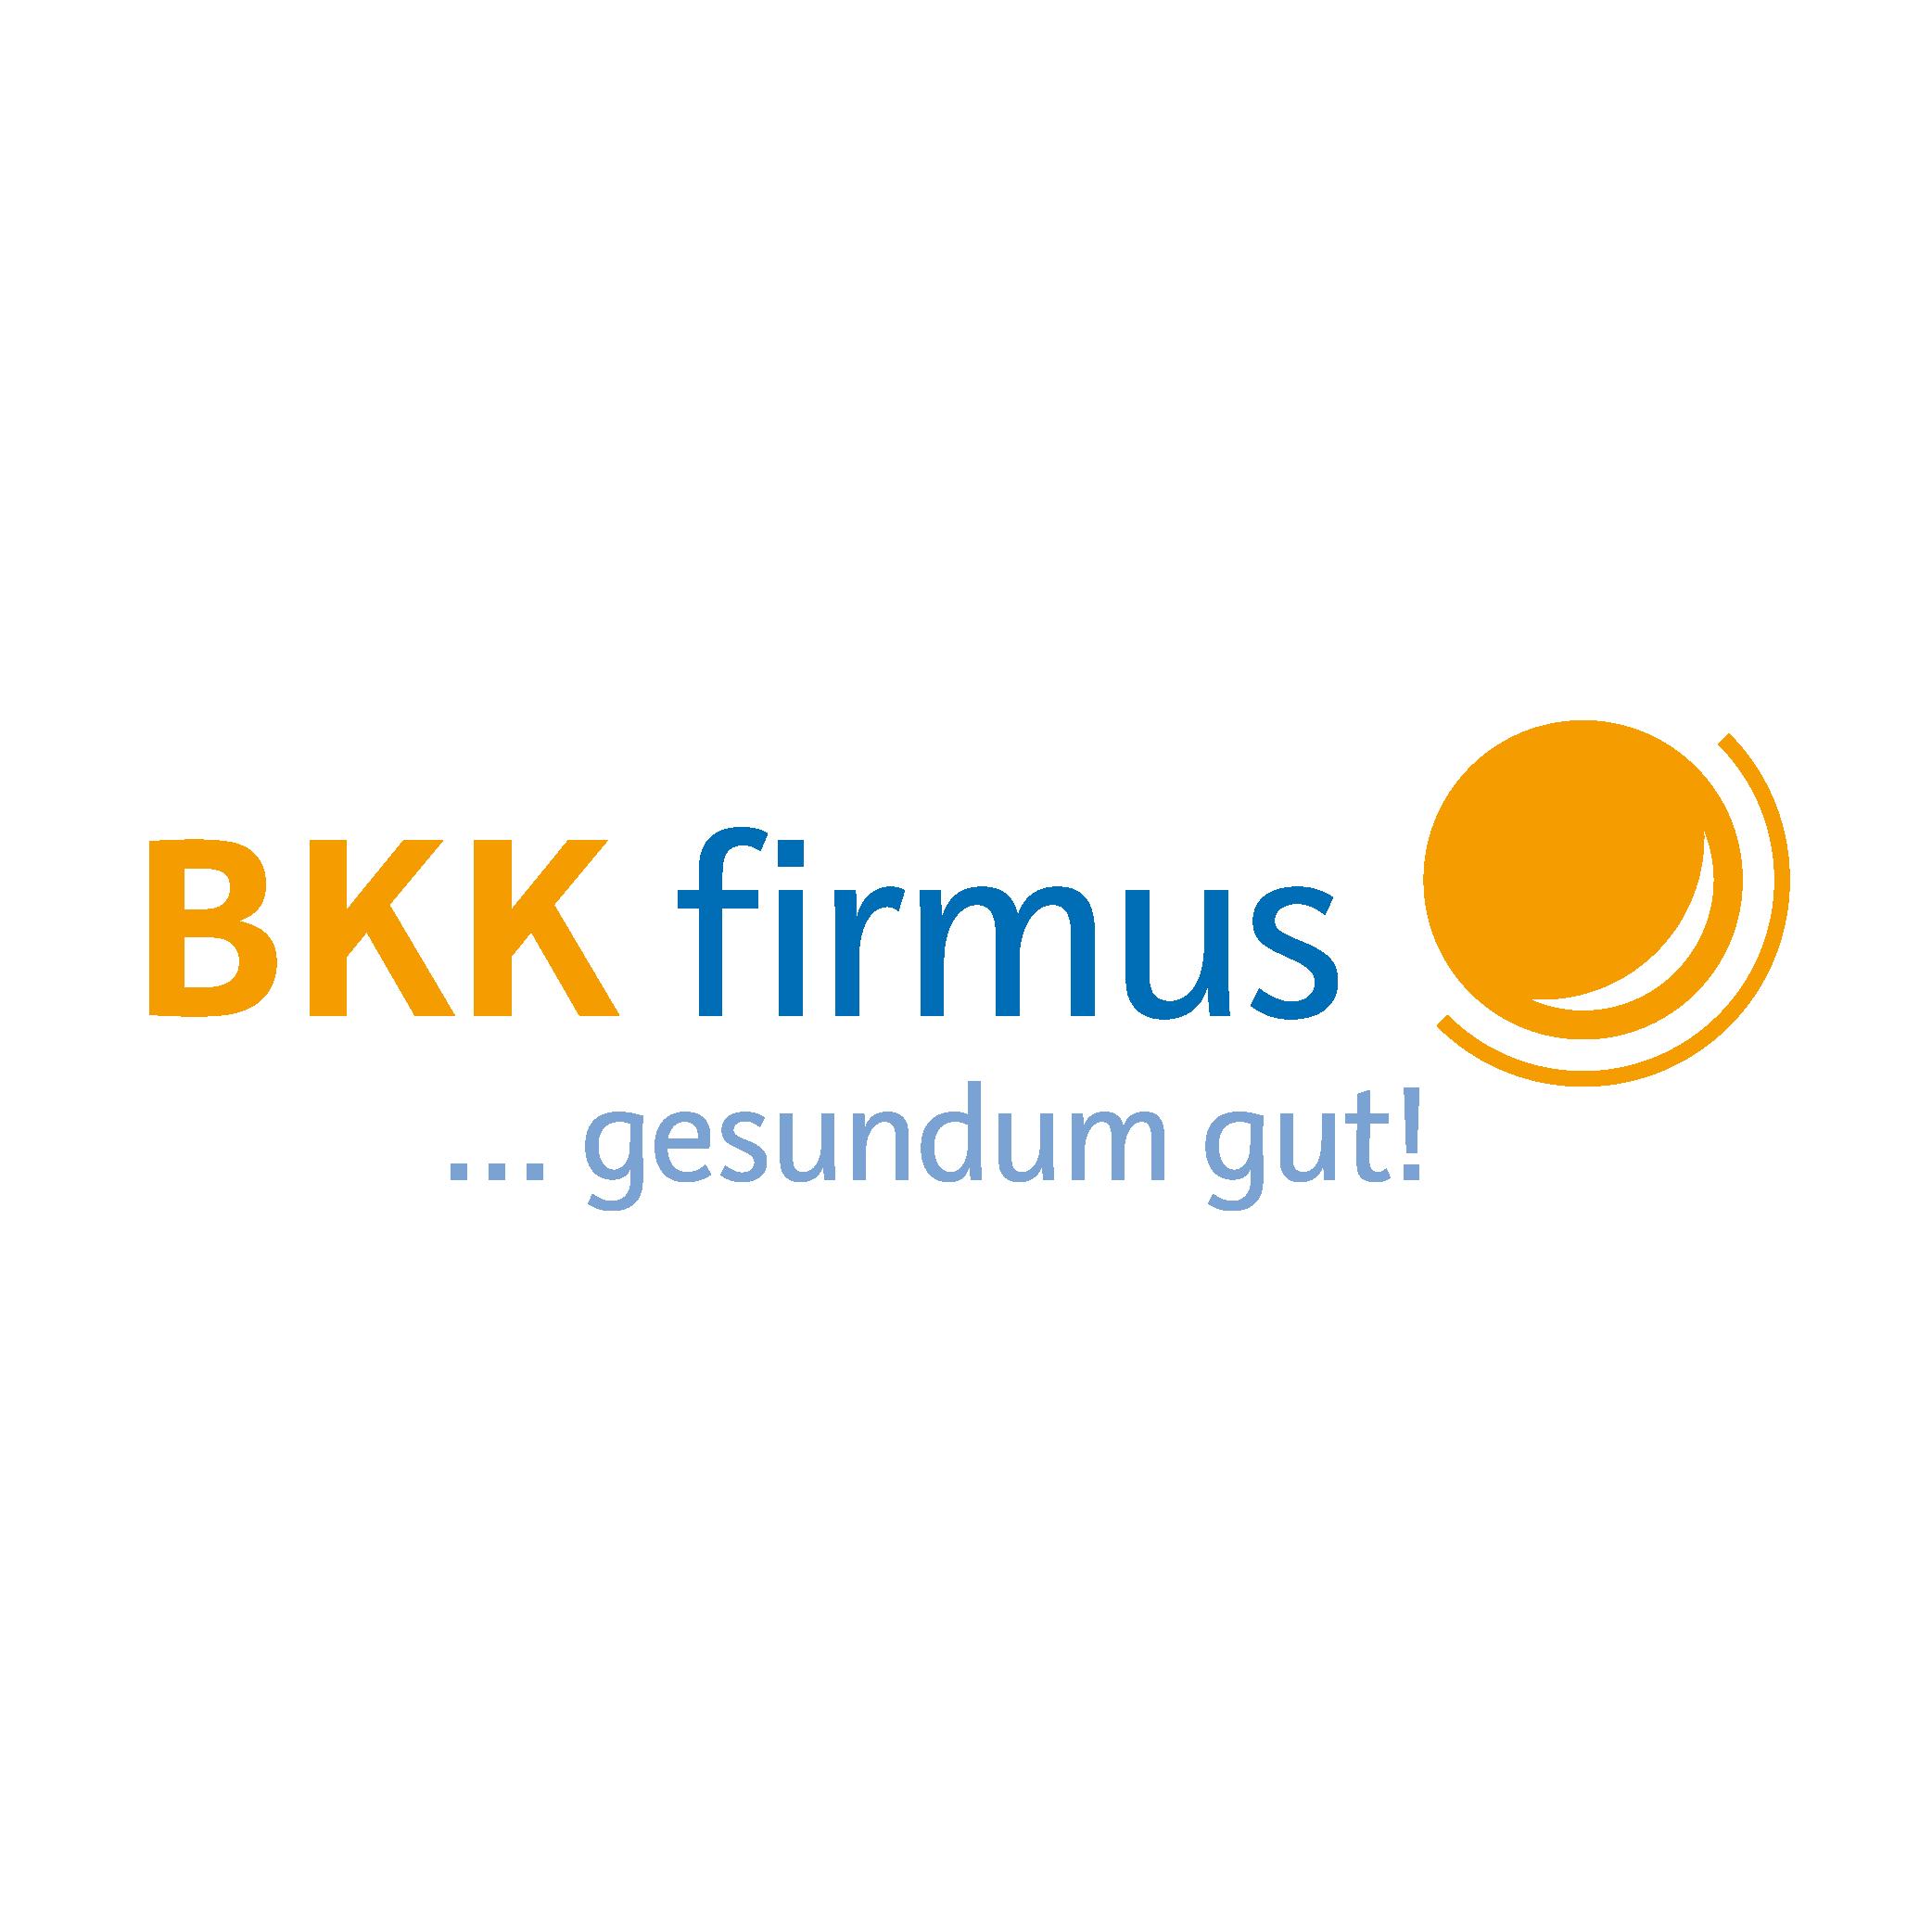 Markenzeichen der BKK firmus